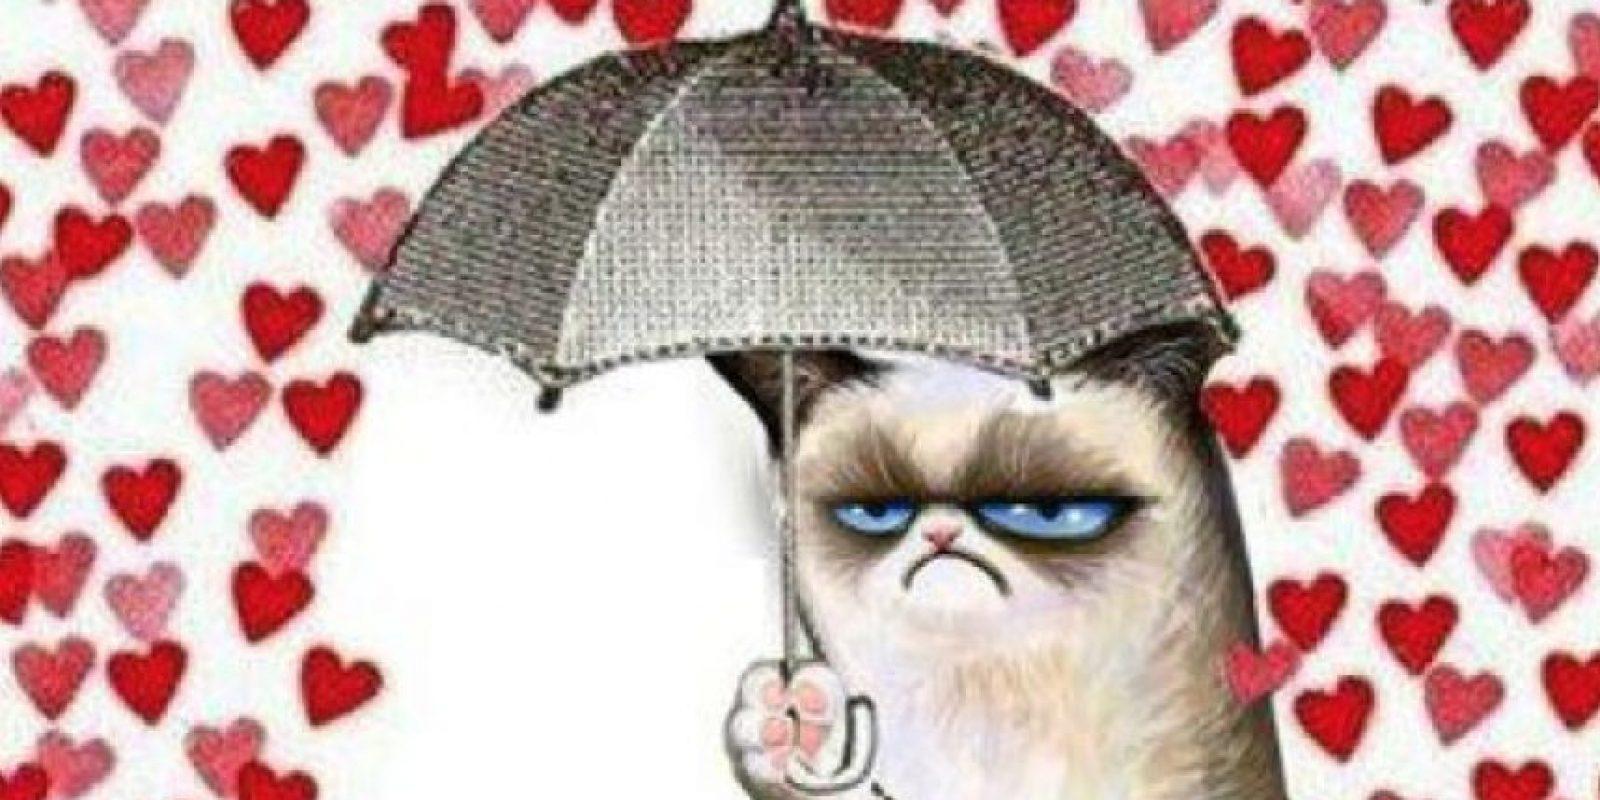 3. Una cuarta parte de los hombres se siente obligado a regalar obsequios a su pareja este día, según una encuesta de Offers.com, aproximadamente la mitad de los hombres dicen que celebran el Día de San Valentín. Foto:Tumblr.com/tagged-amor-san-valentin